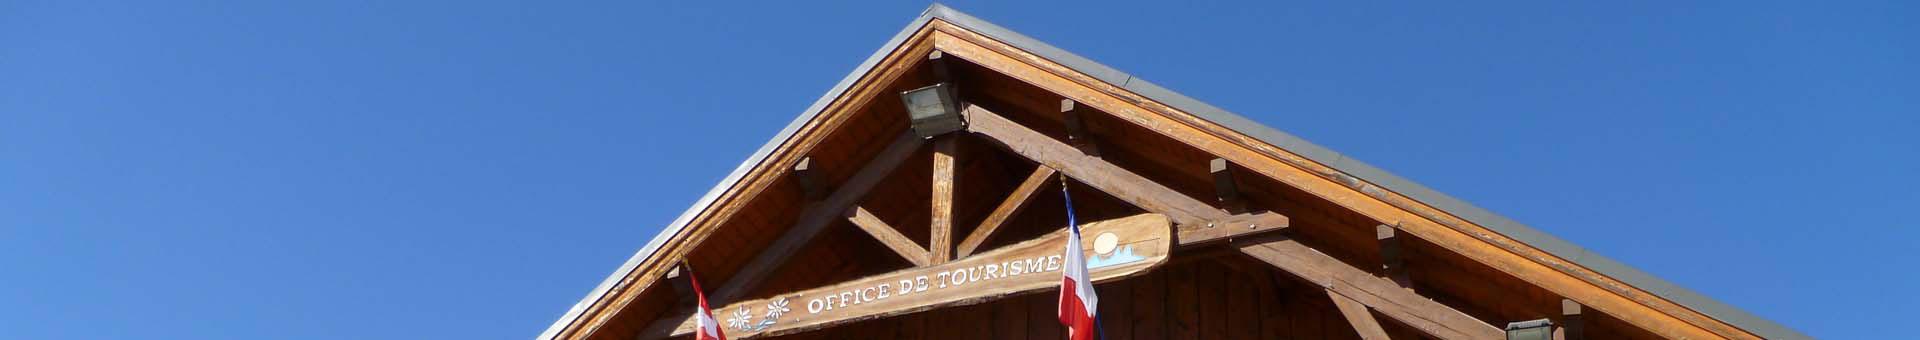 Station Village > Office de Tourisme > tetiere ete